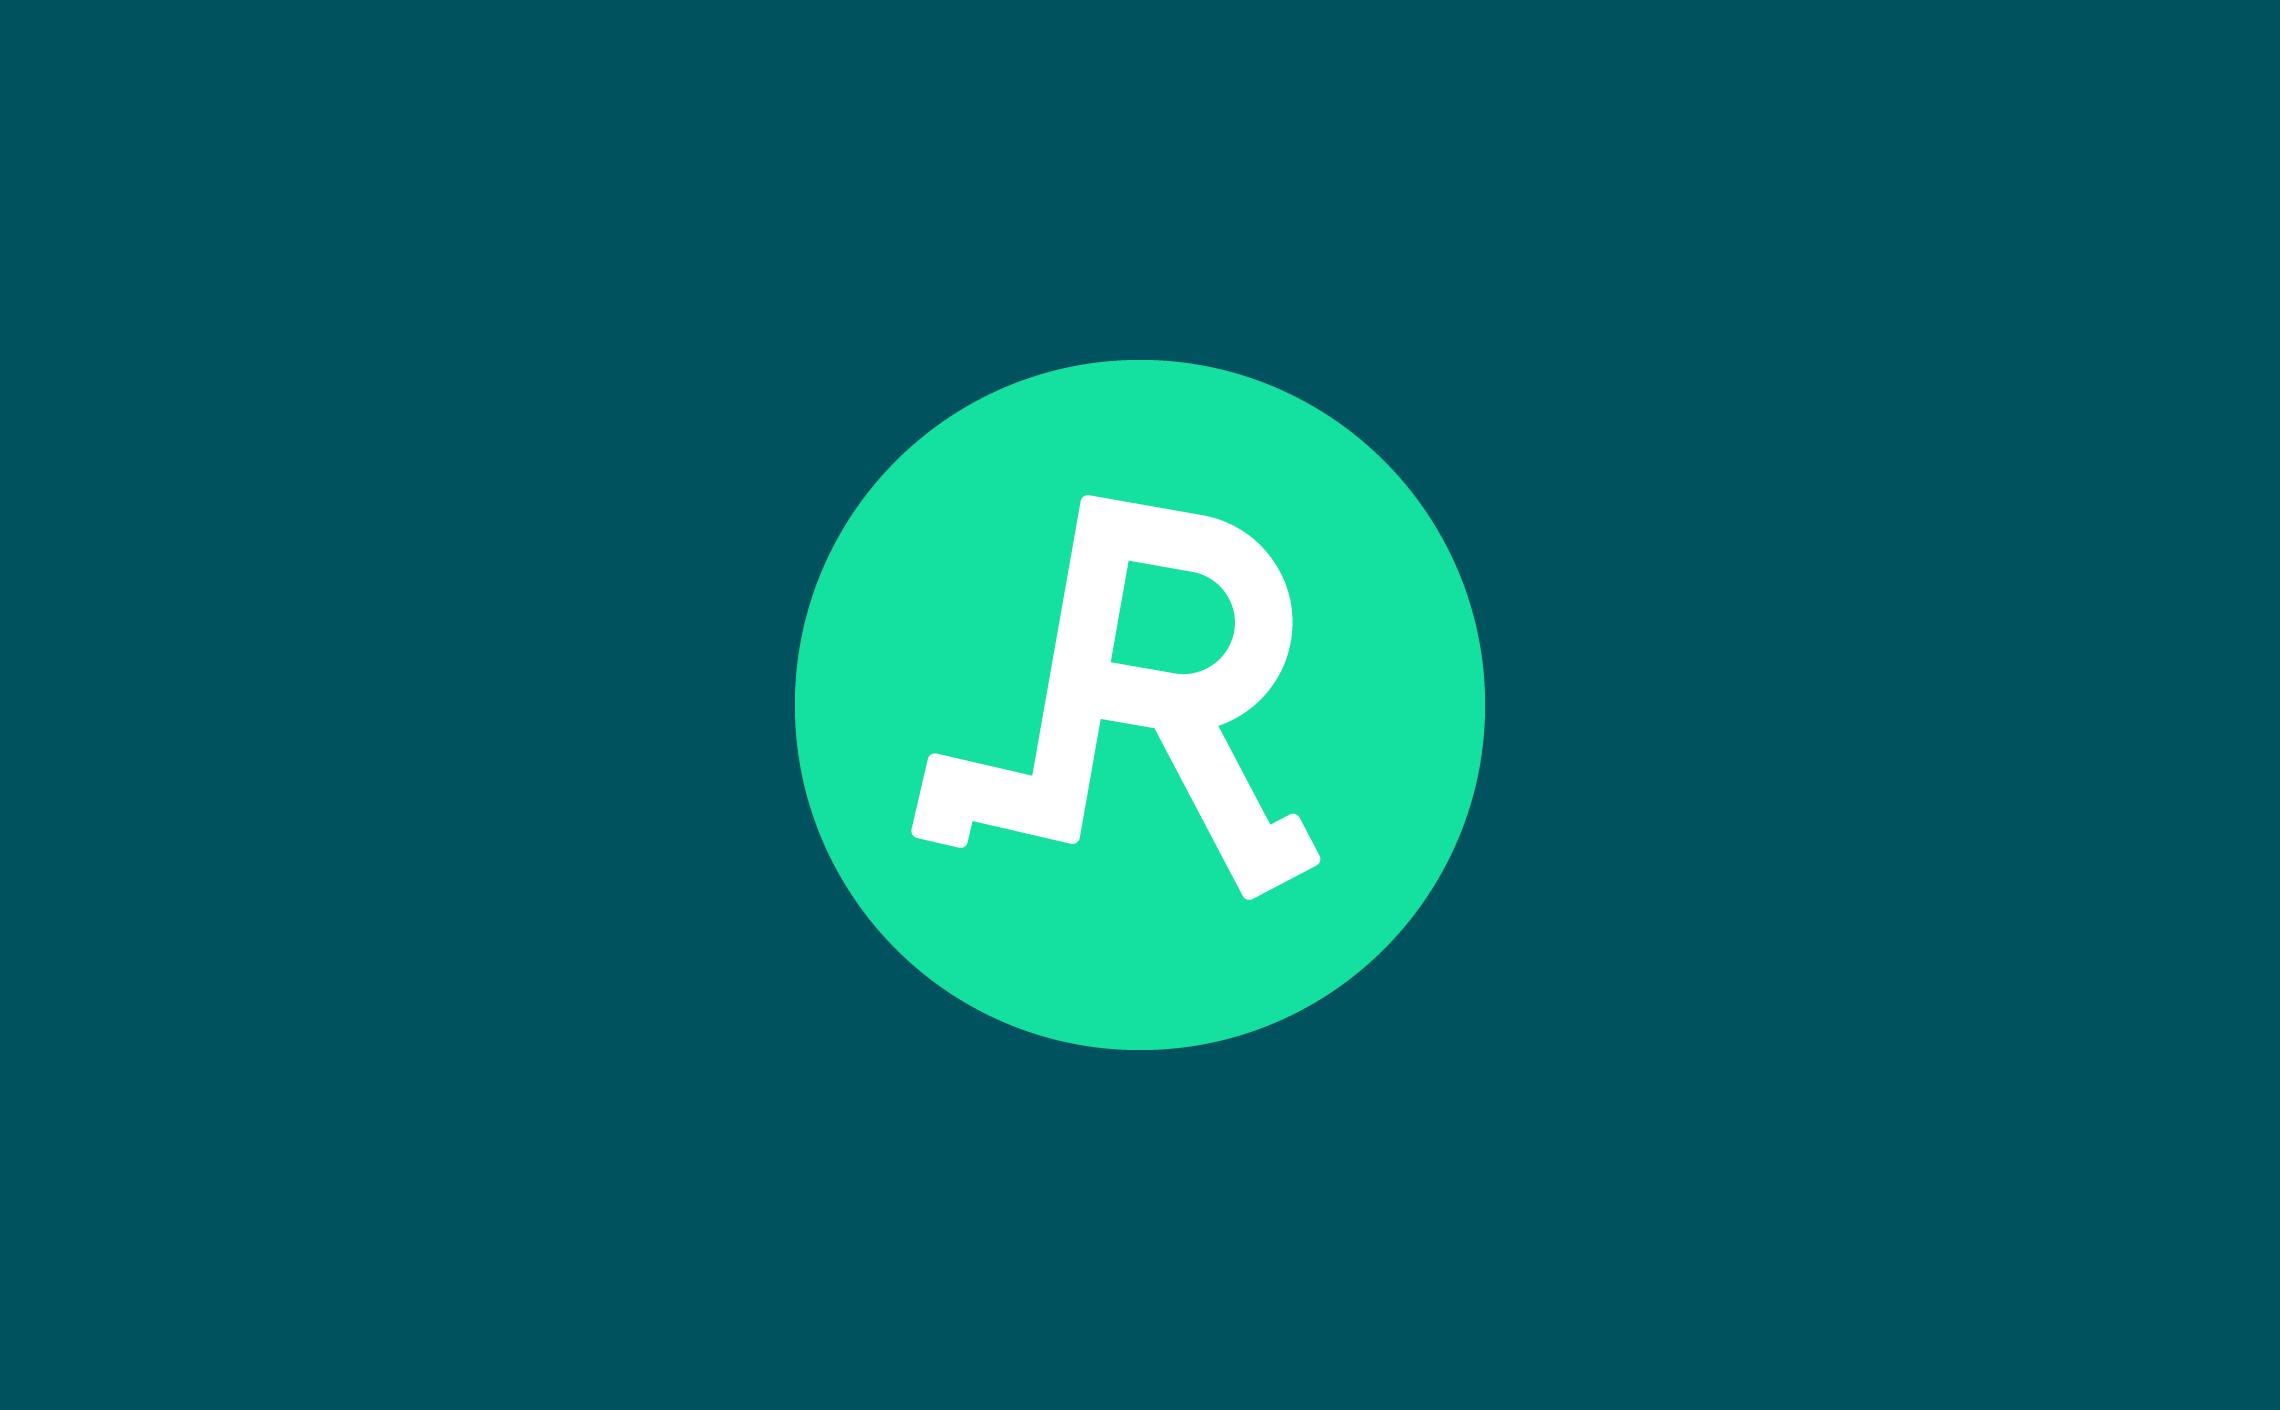 Répar-acteur économie circulaire logo